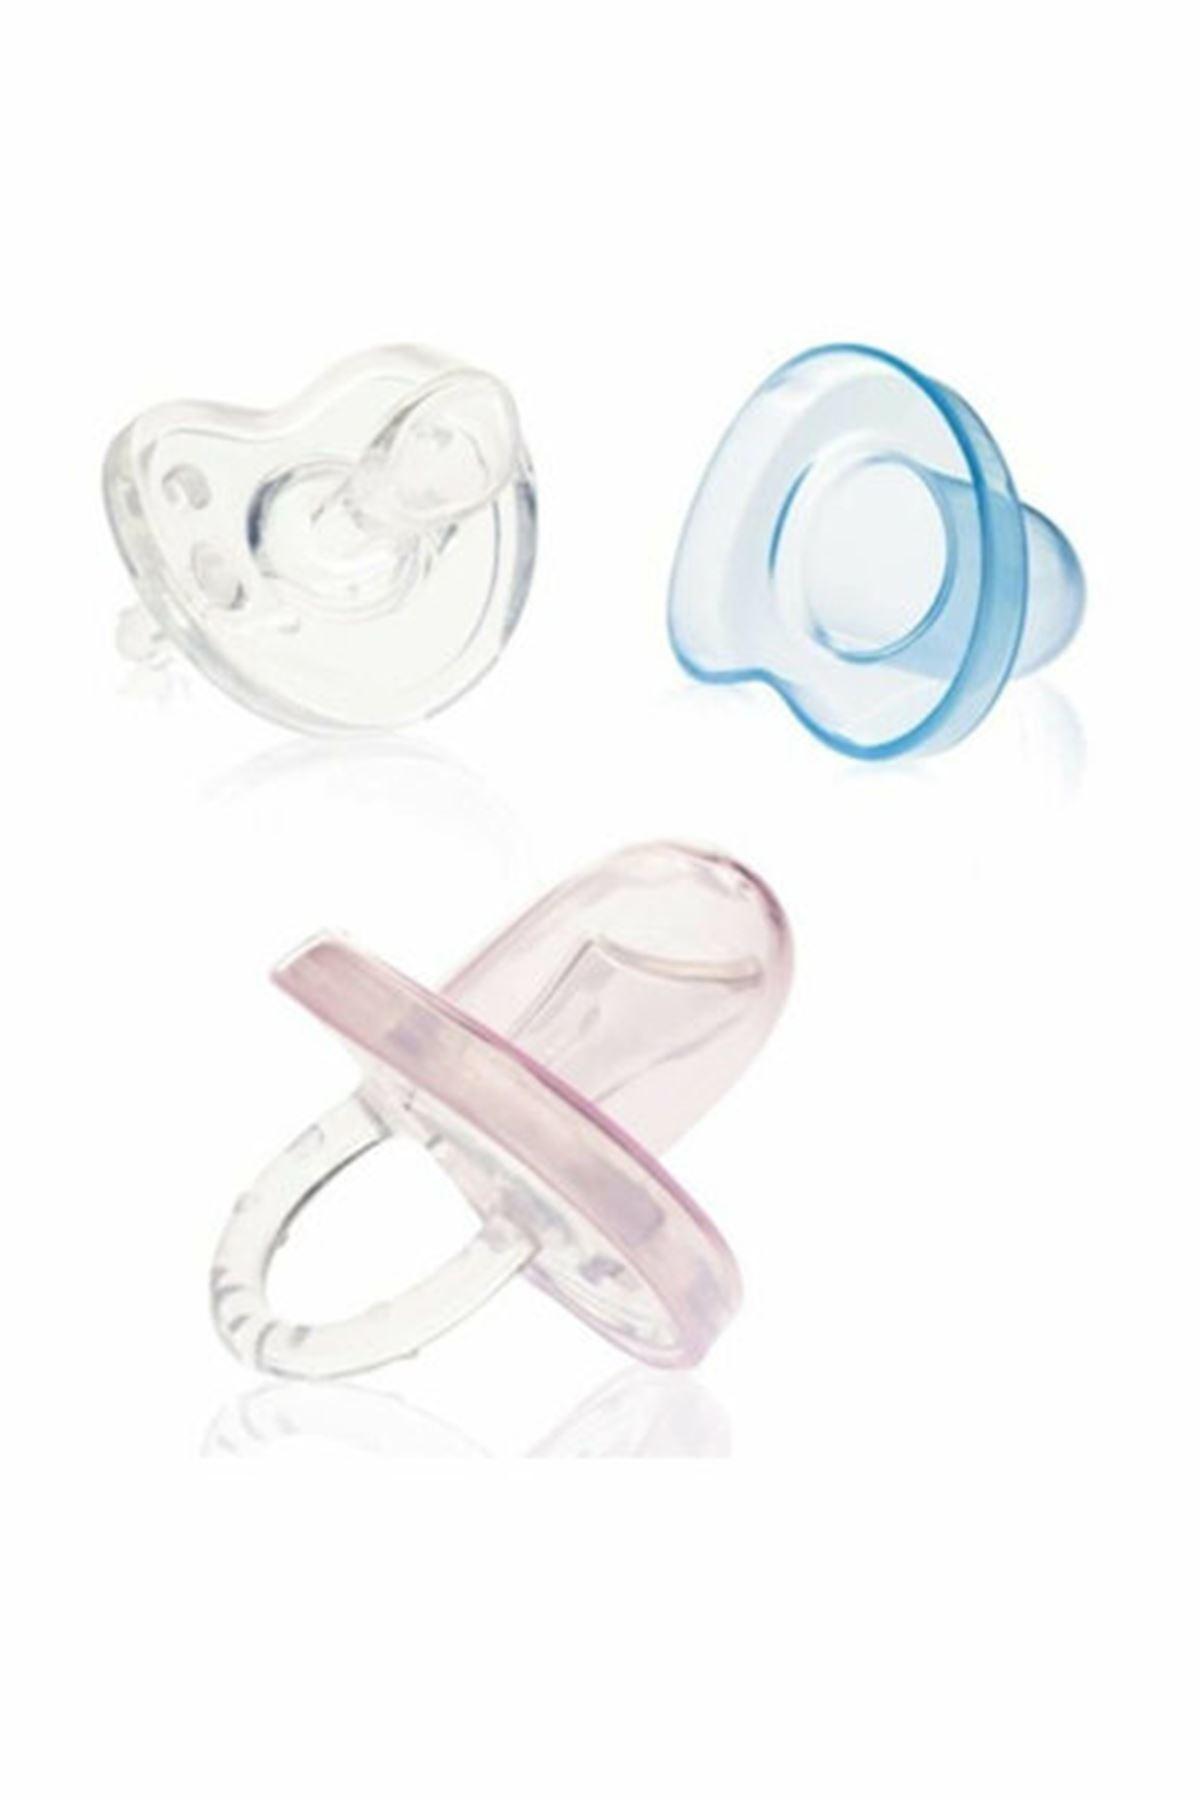 Bebedor Damaklı Kapaklı Soft Silikon Emzik  Bebek 0-6 Ay